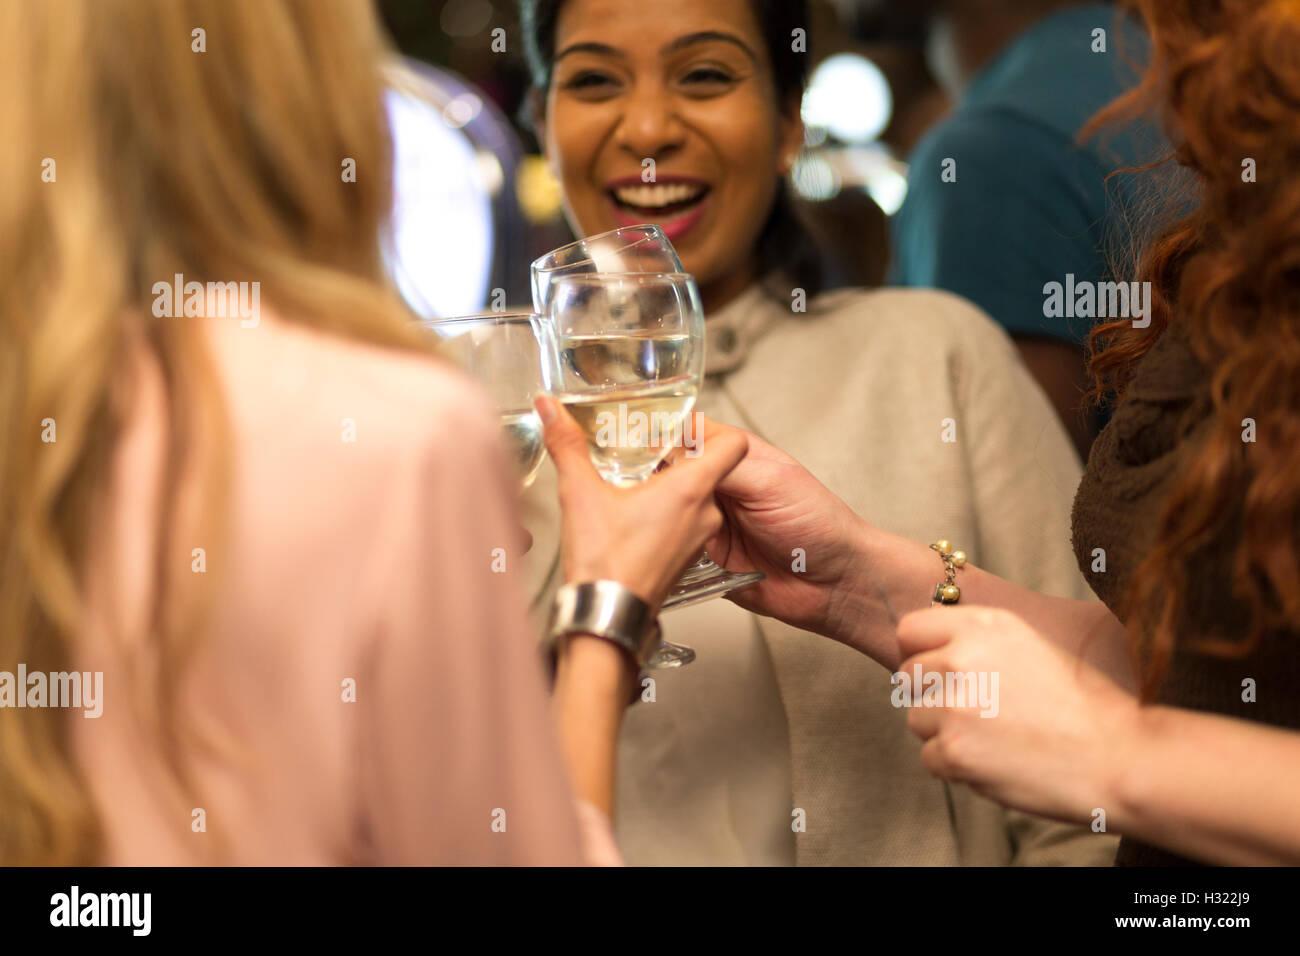 Tre donne tostare i loro bicchieri in un bar Immagini Stock